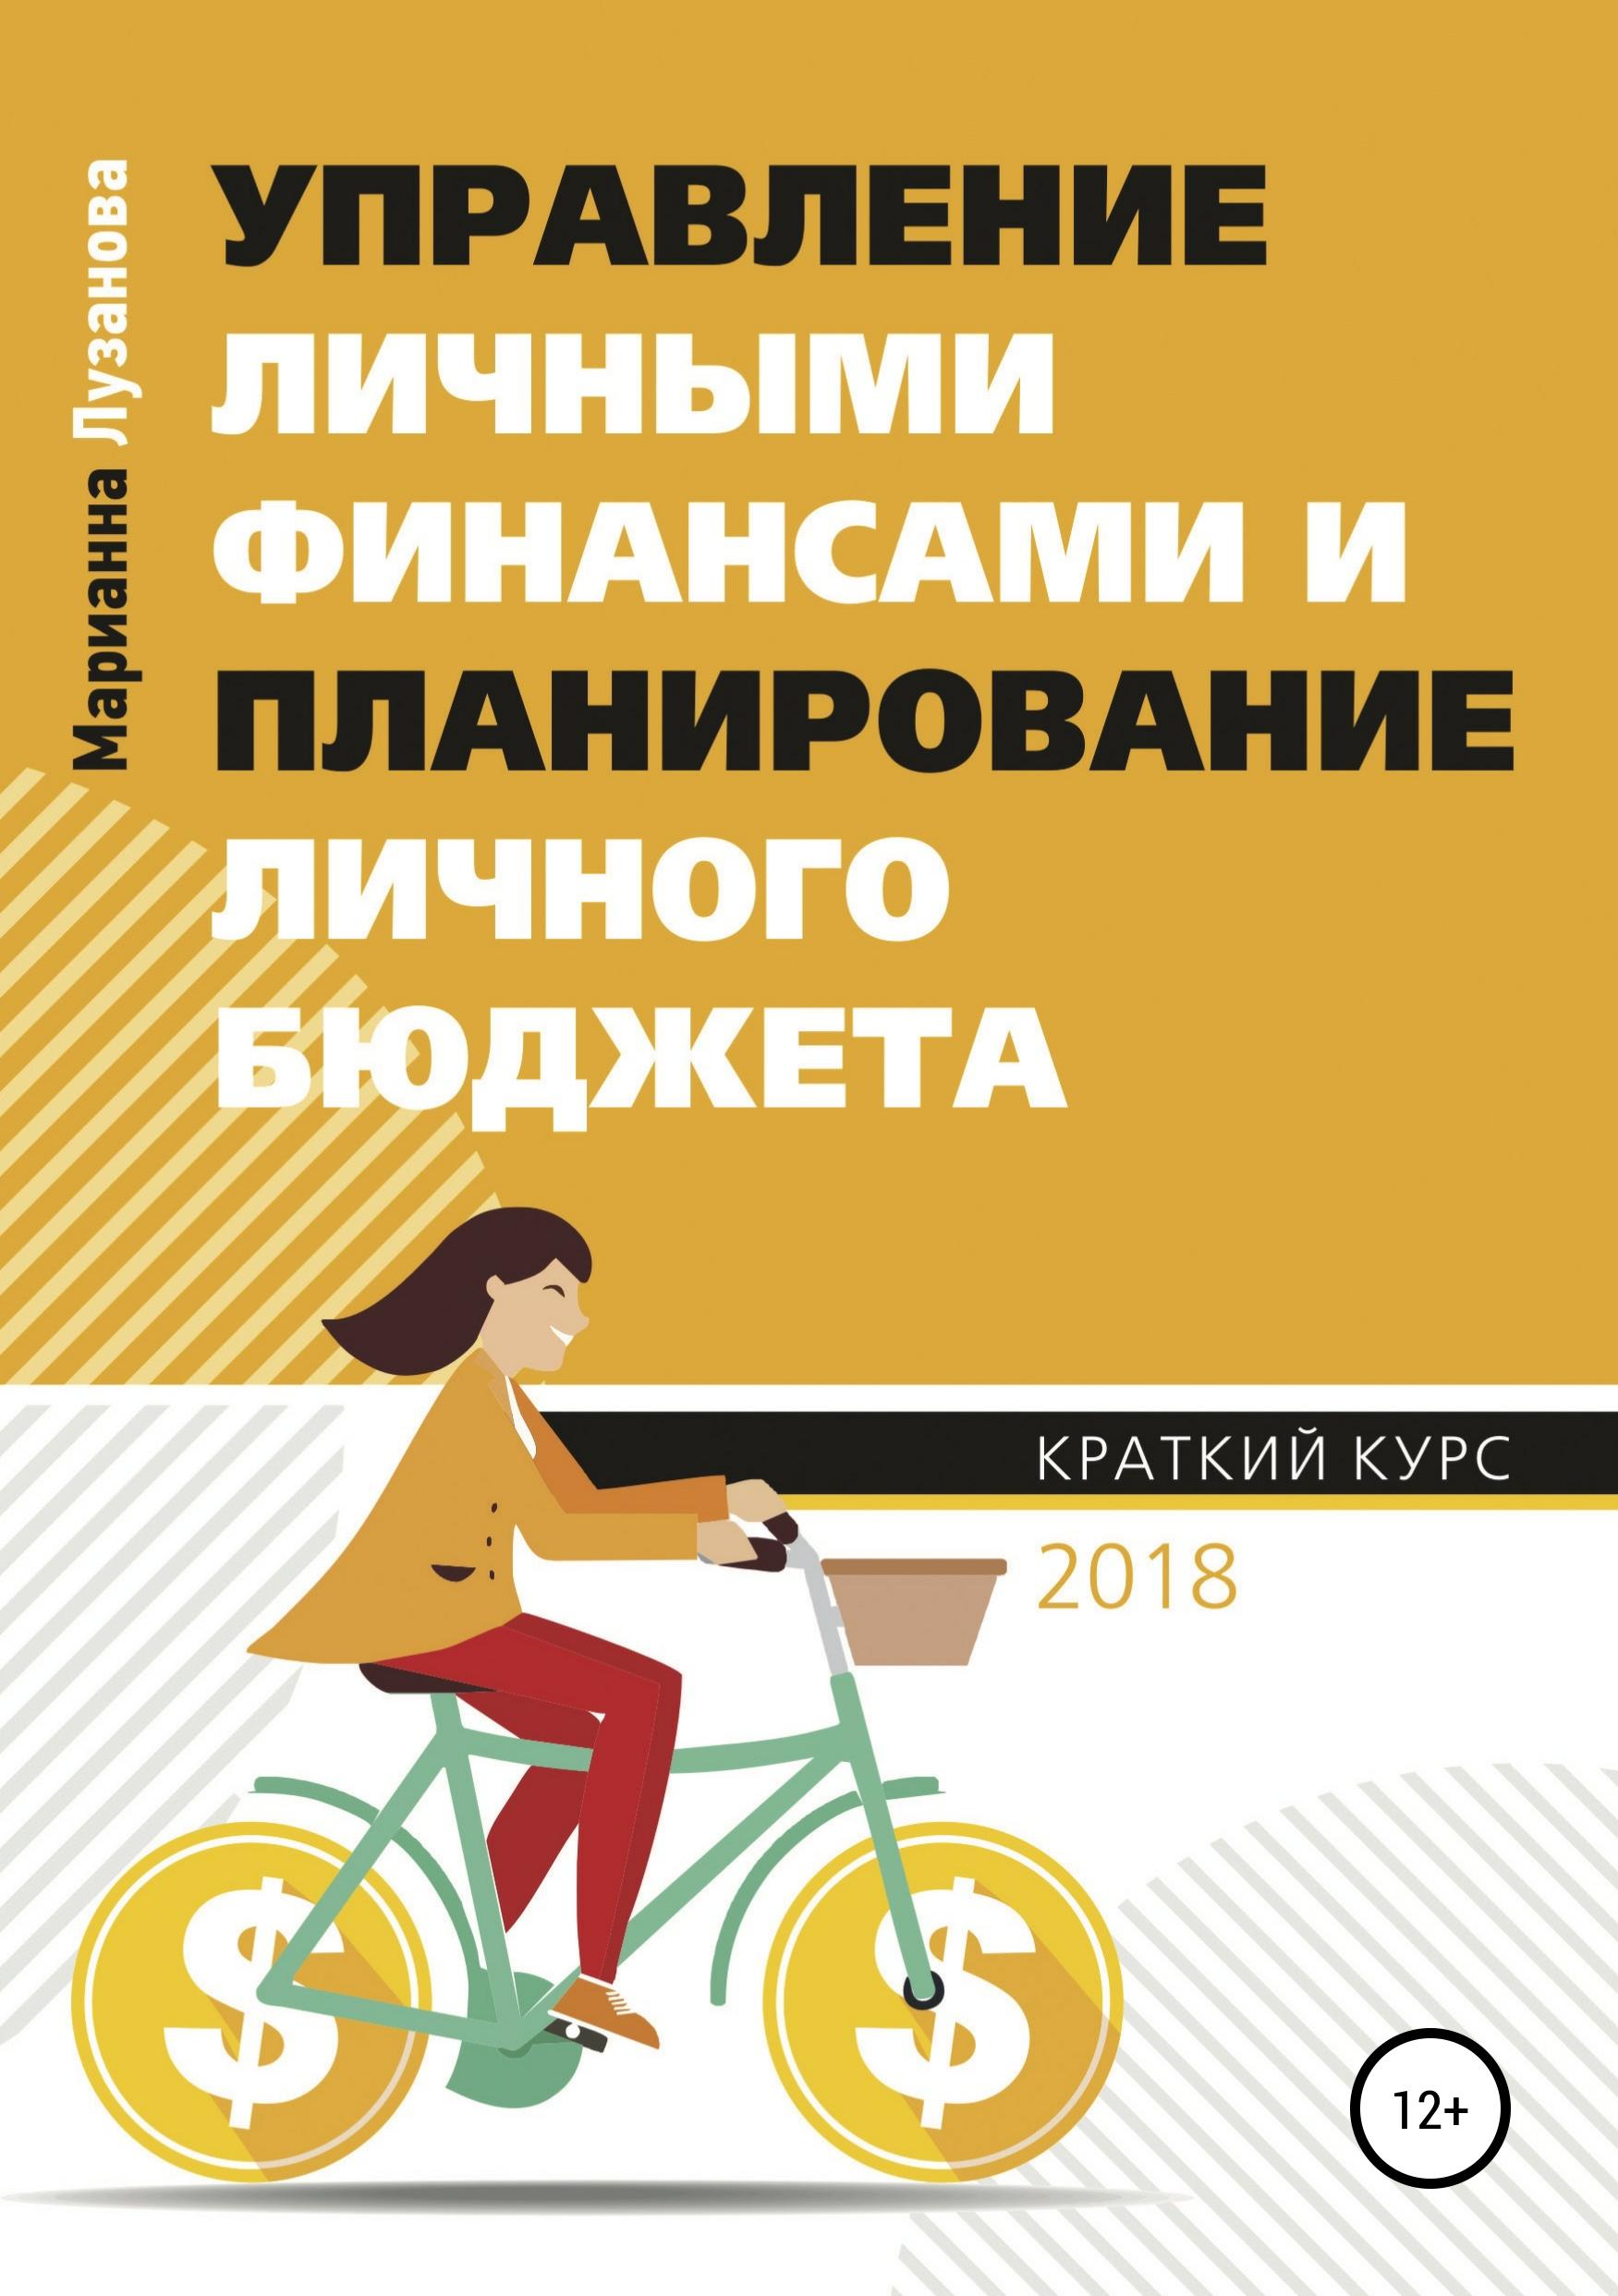 Обложка книги. Автор - Марианна Лузанова